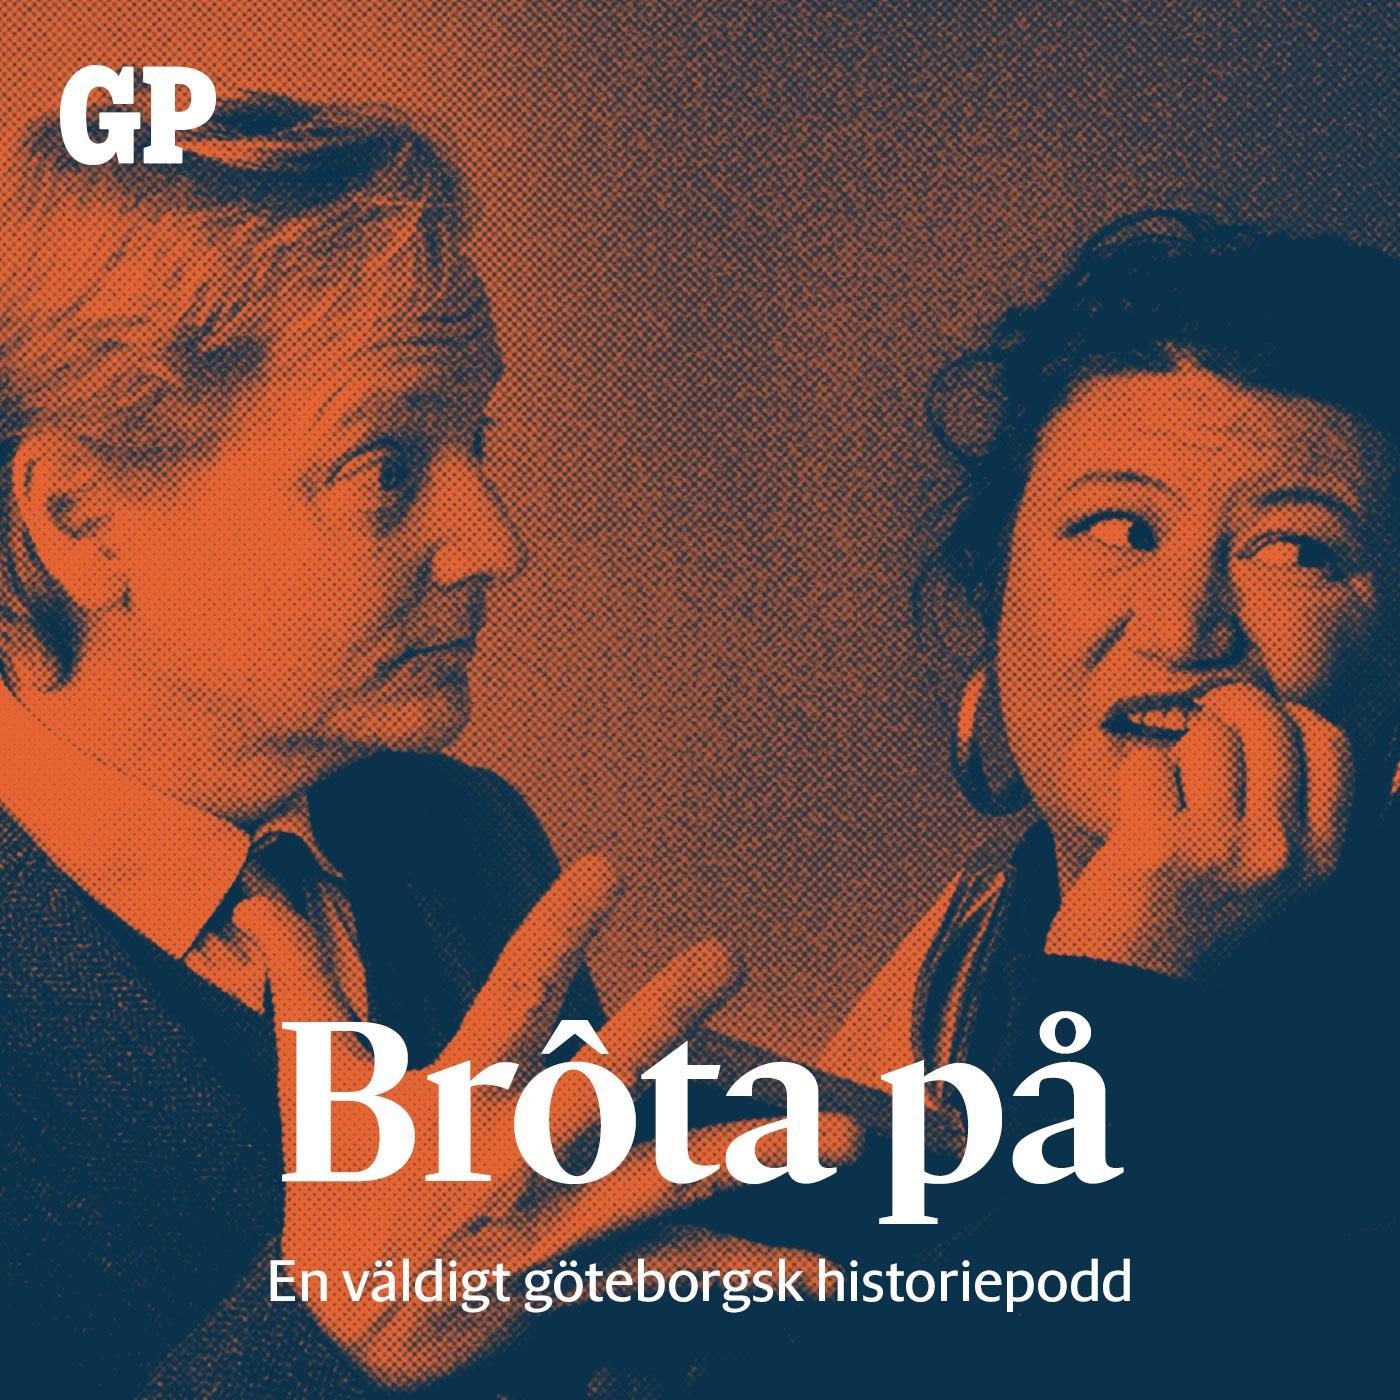 Avsnitt ett: När blev Göteborgare roliga?